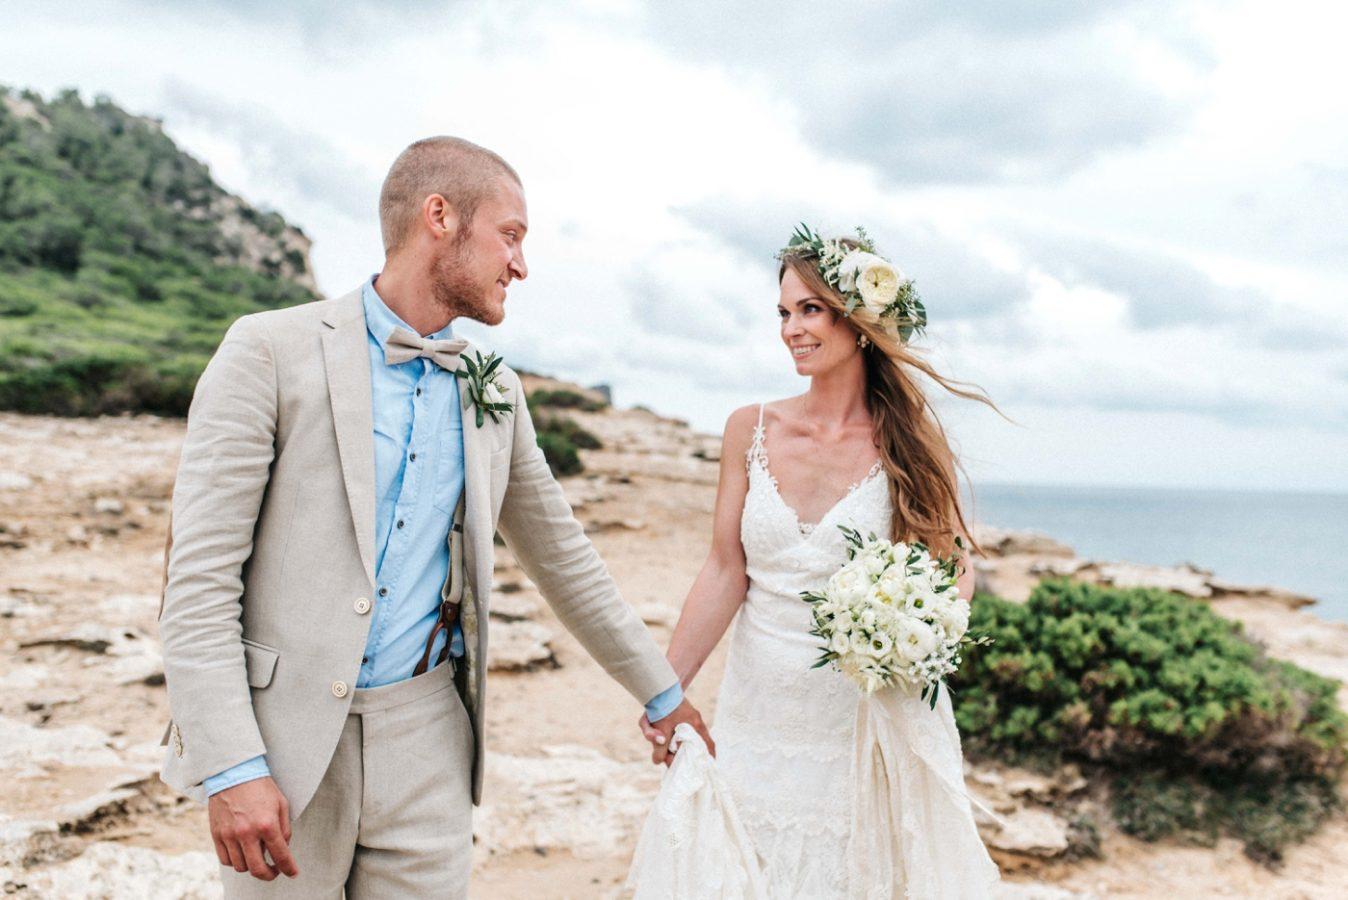 Fotos HochzeitsreportagenFotoshochzeit hochzeitsfotograf international cologne ibiza mallorca 0857